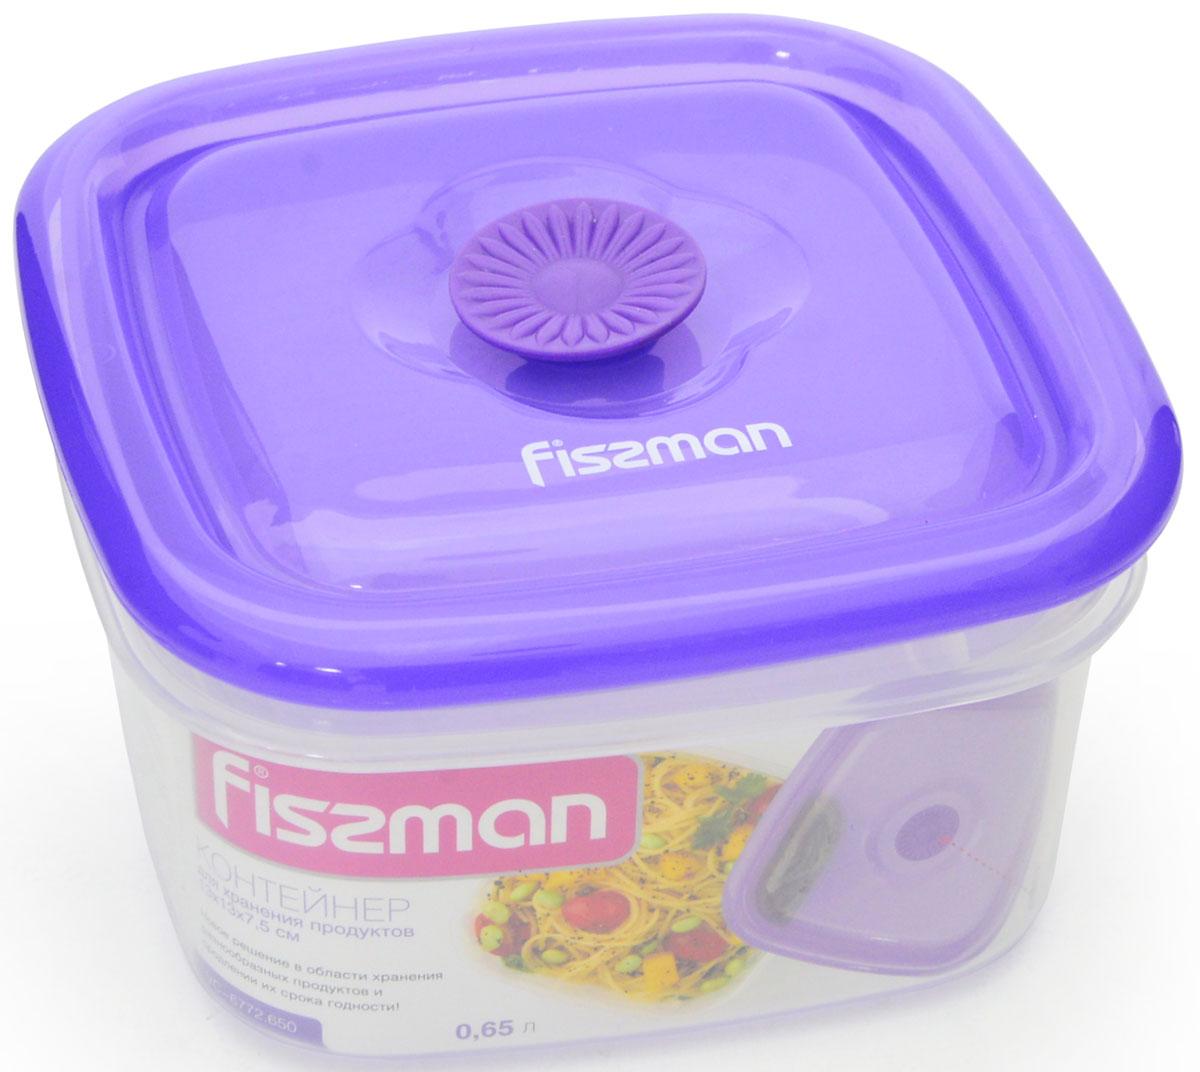 Контейнер для хранения продуктов Fissman, квадратный, 650 мл контейнер для хранения продуктов fissman квадратный 700 мл